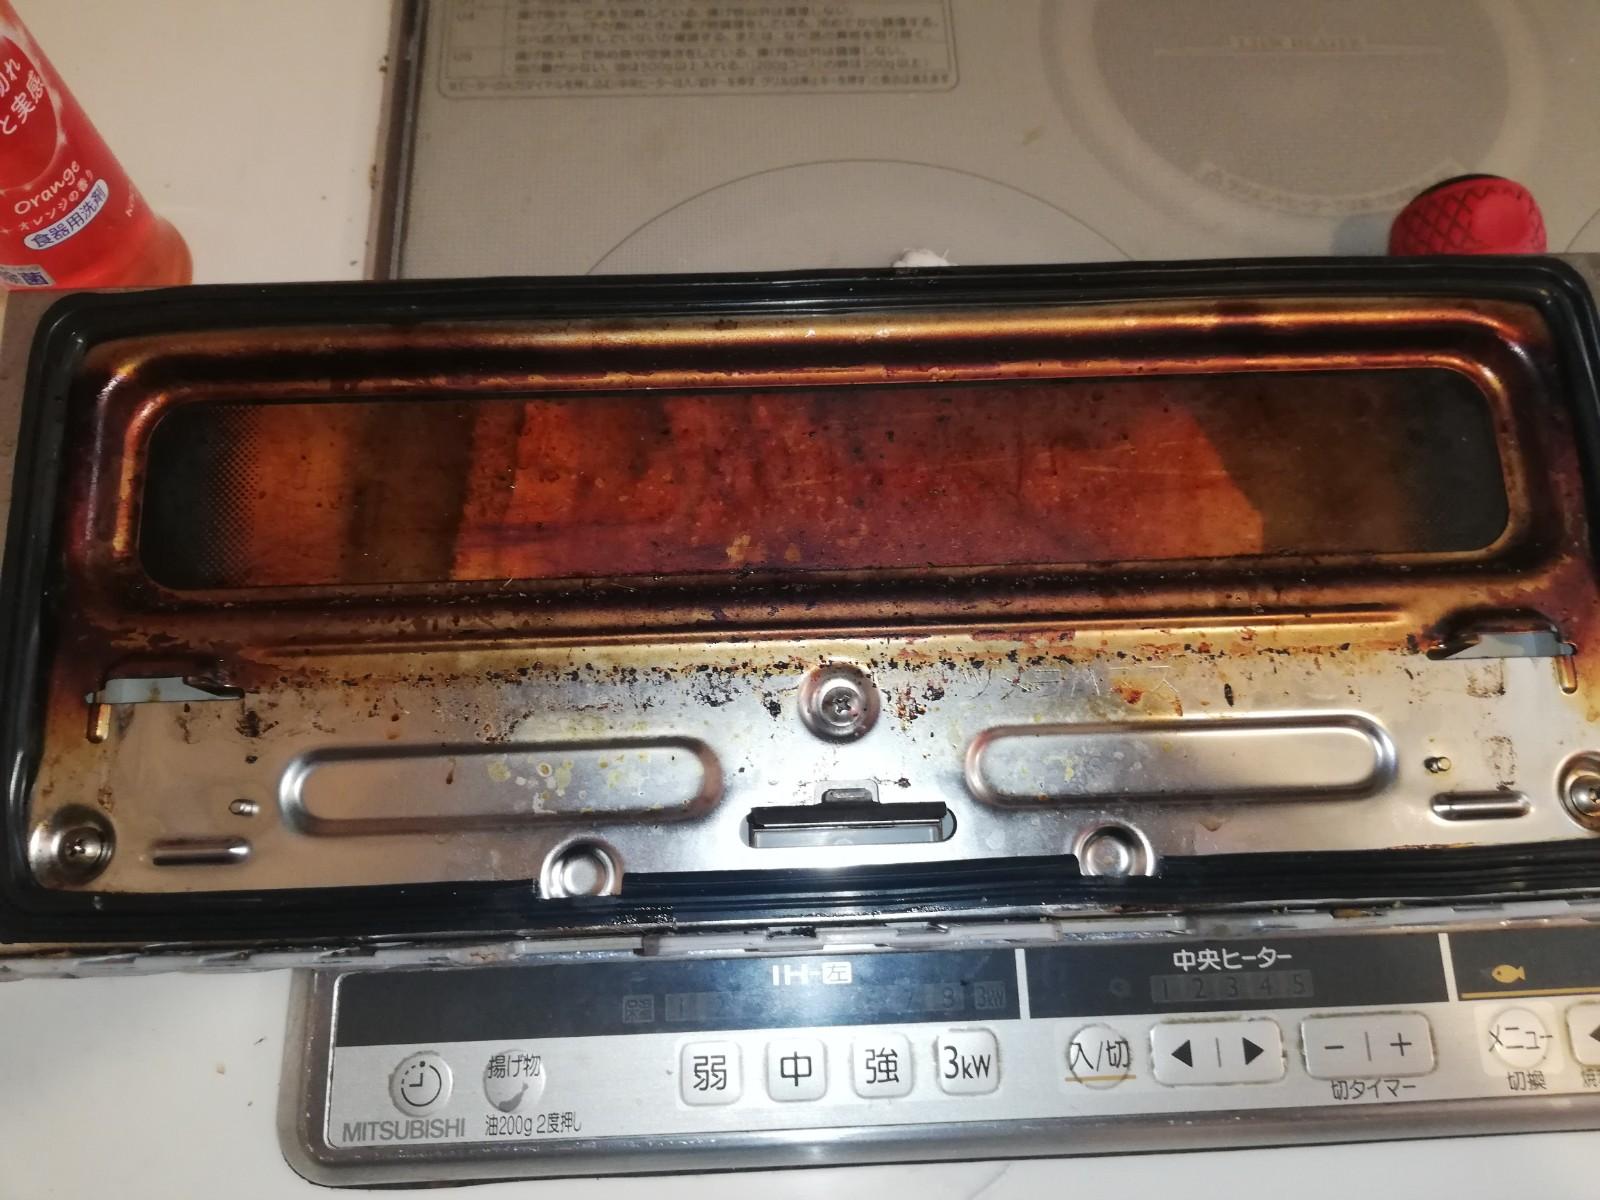 キッチン周りの焦げが取れないのでスッキリきれいにしてほしい!Before